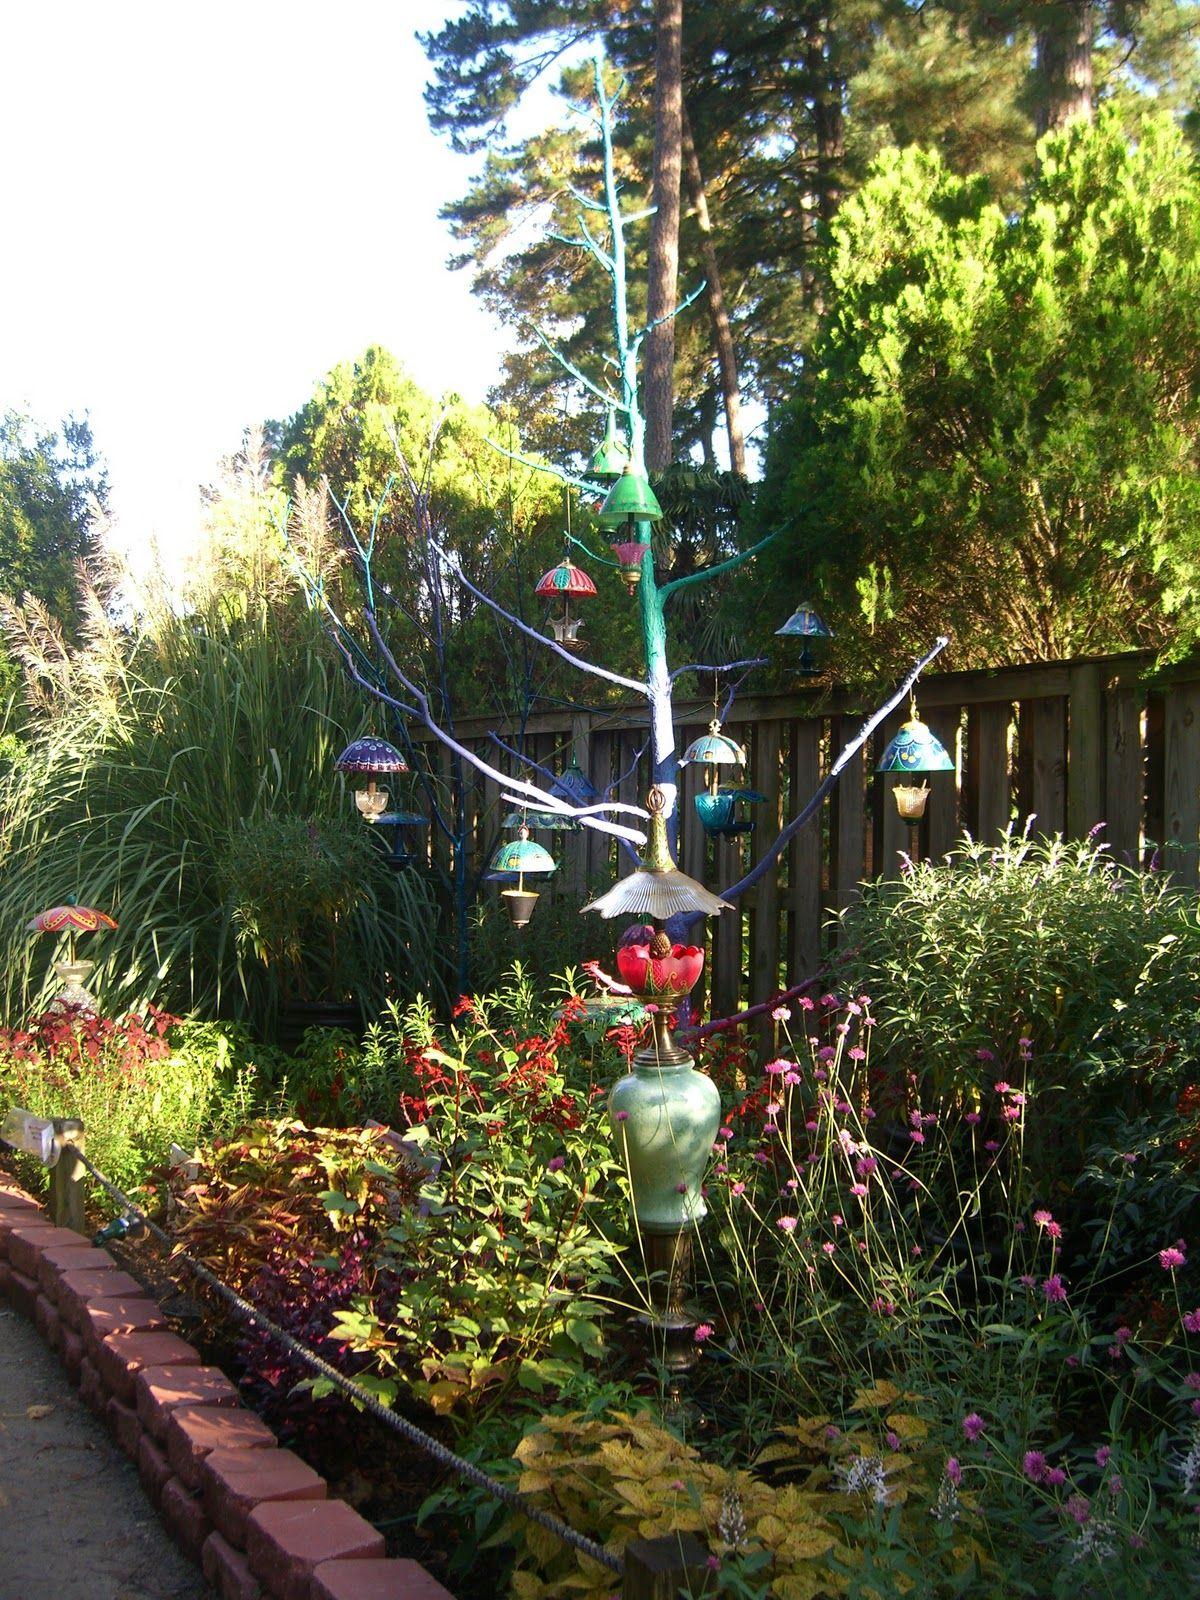 Garden art | Garden Art Using Recycled Lamps